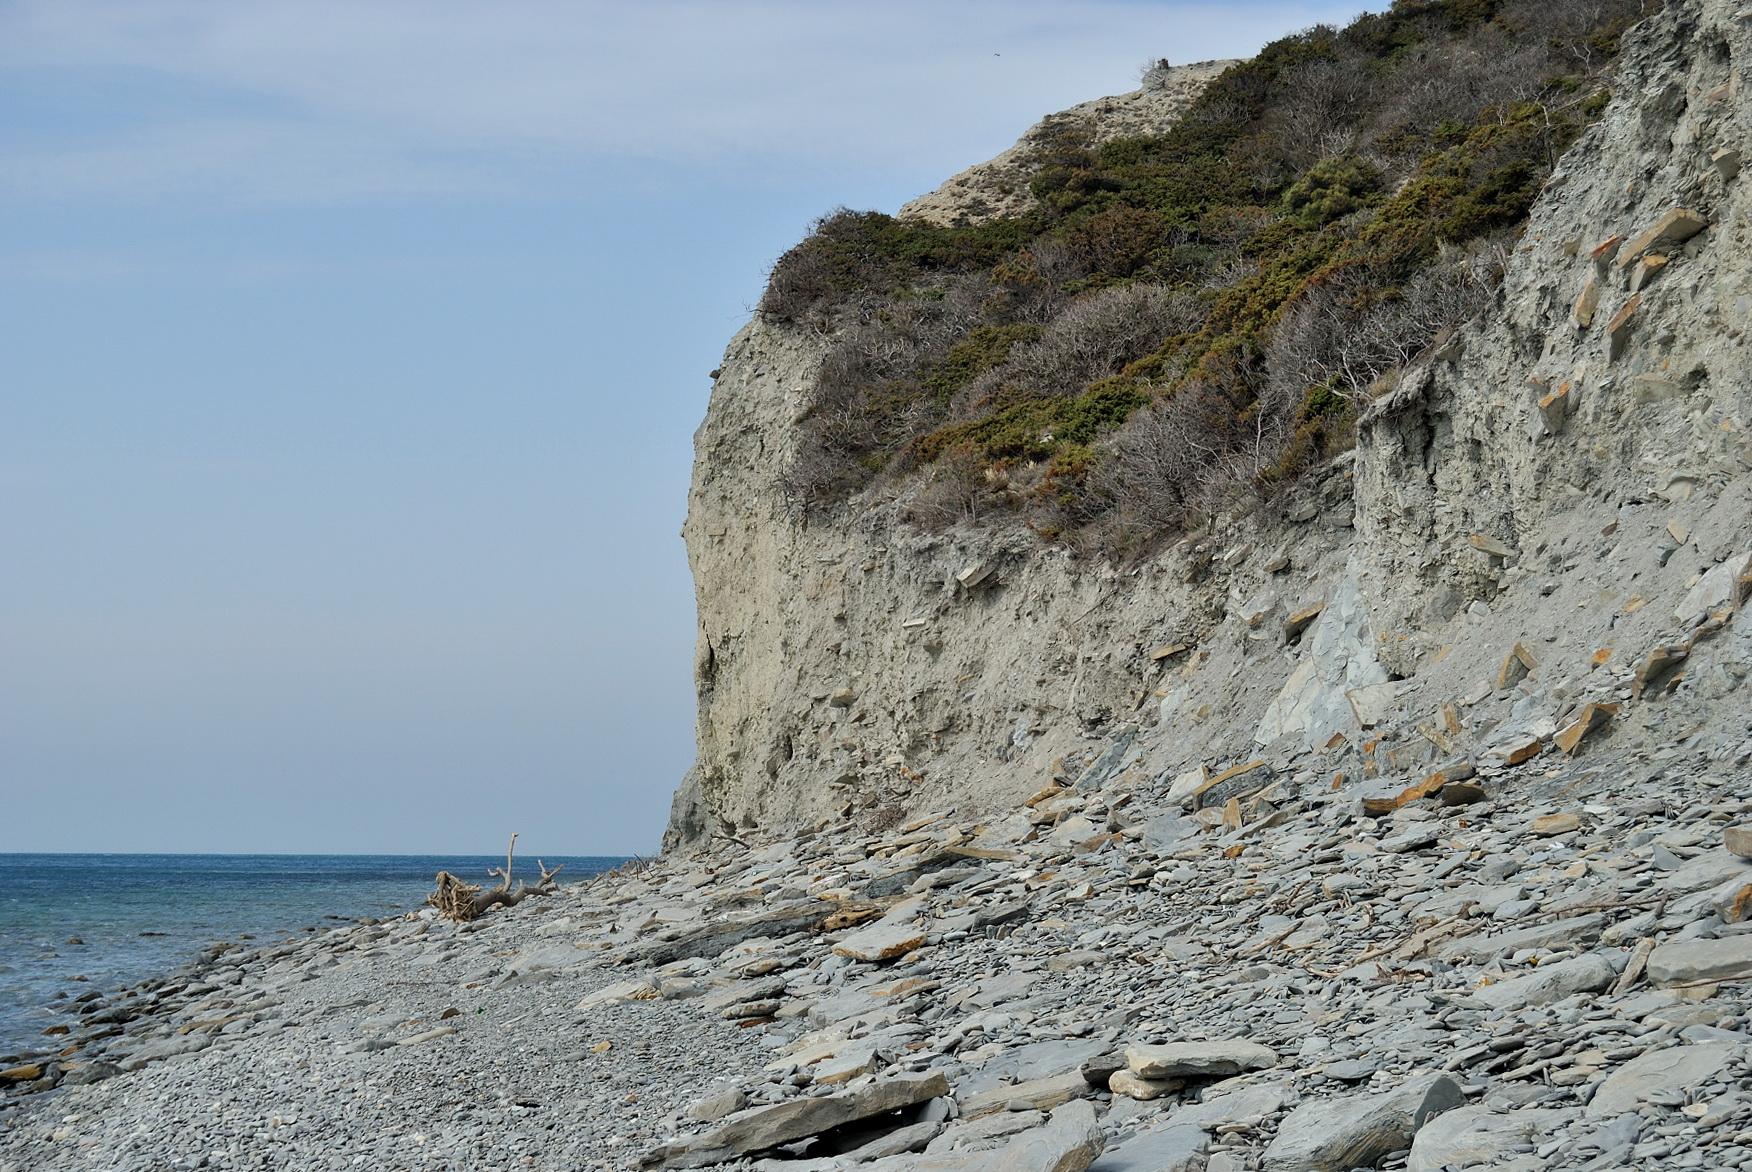 жду анапа дикие пляжи фото получиться